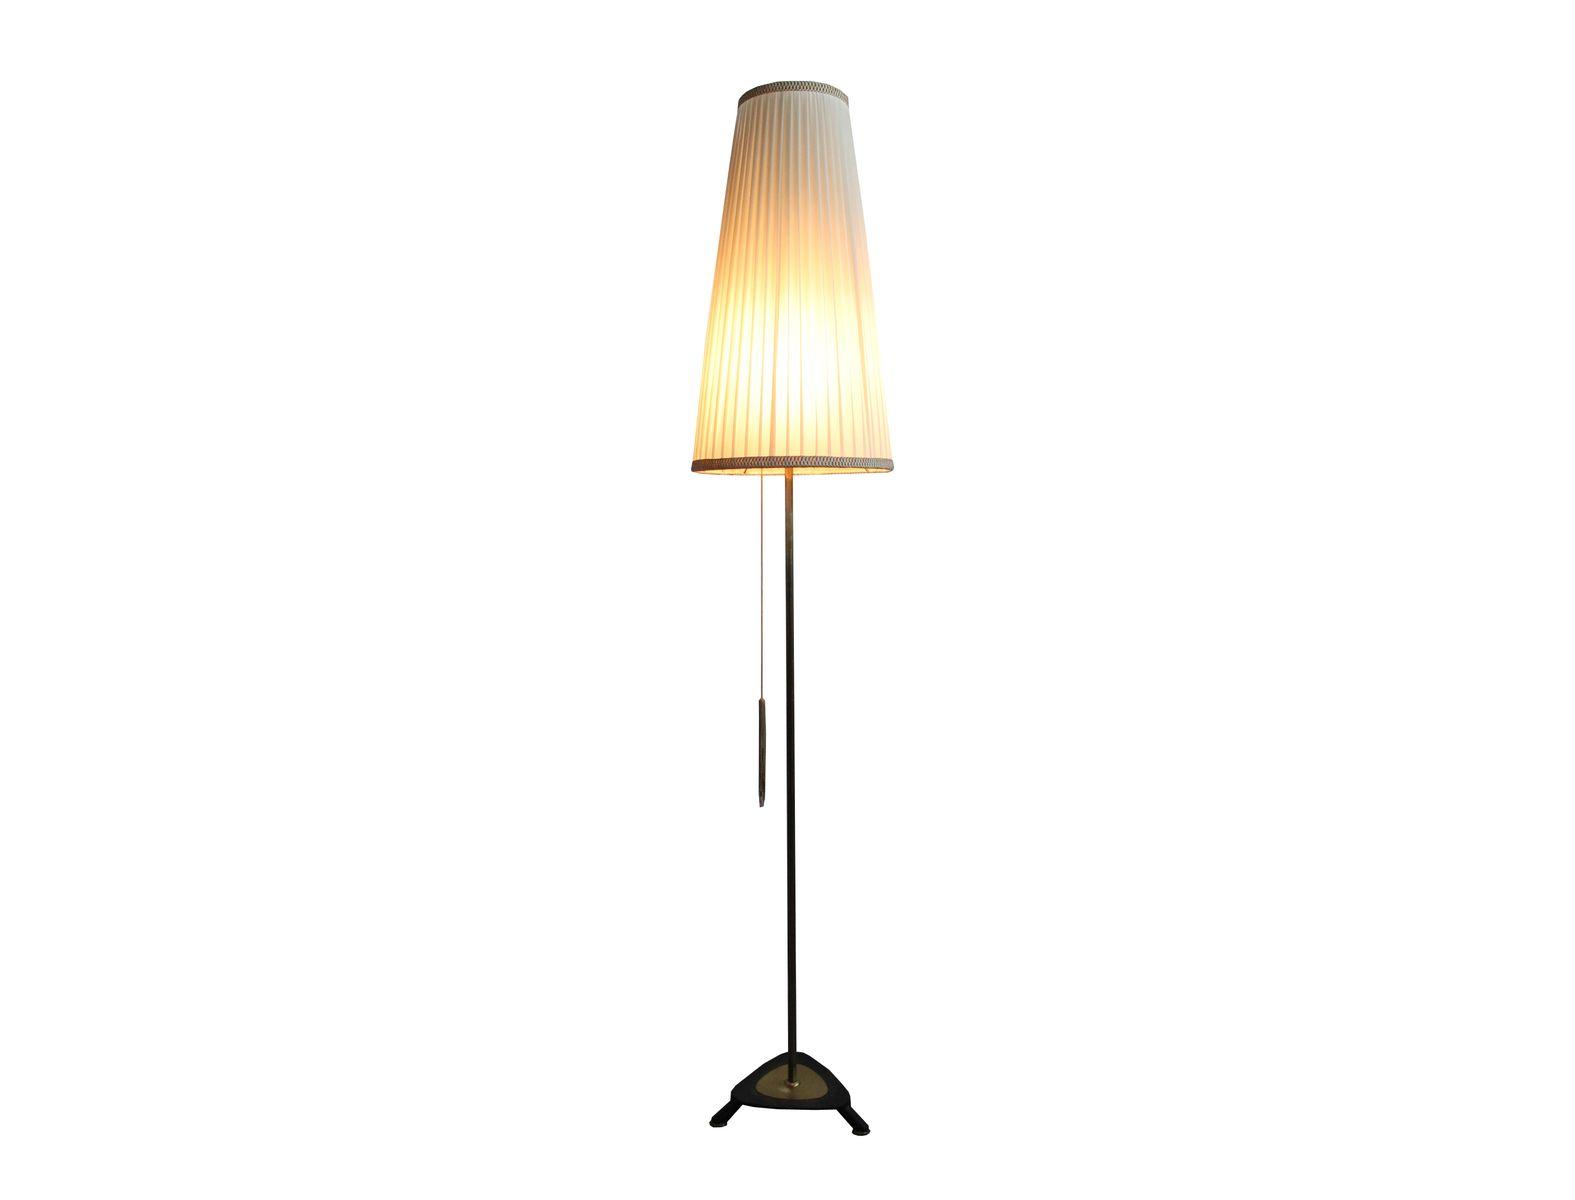 stehlampe mit plissiertem lampenschirm 1950er bei pamono kaufen. Black Bedroom Furniture Sets. Home Design Ideas